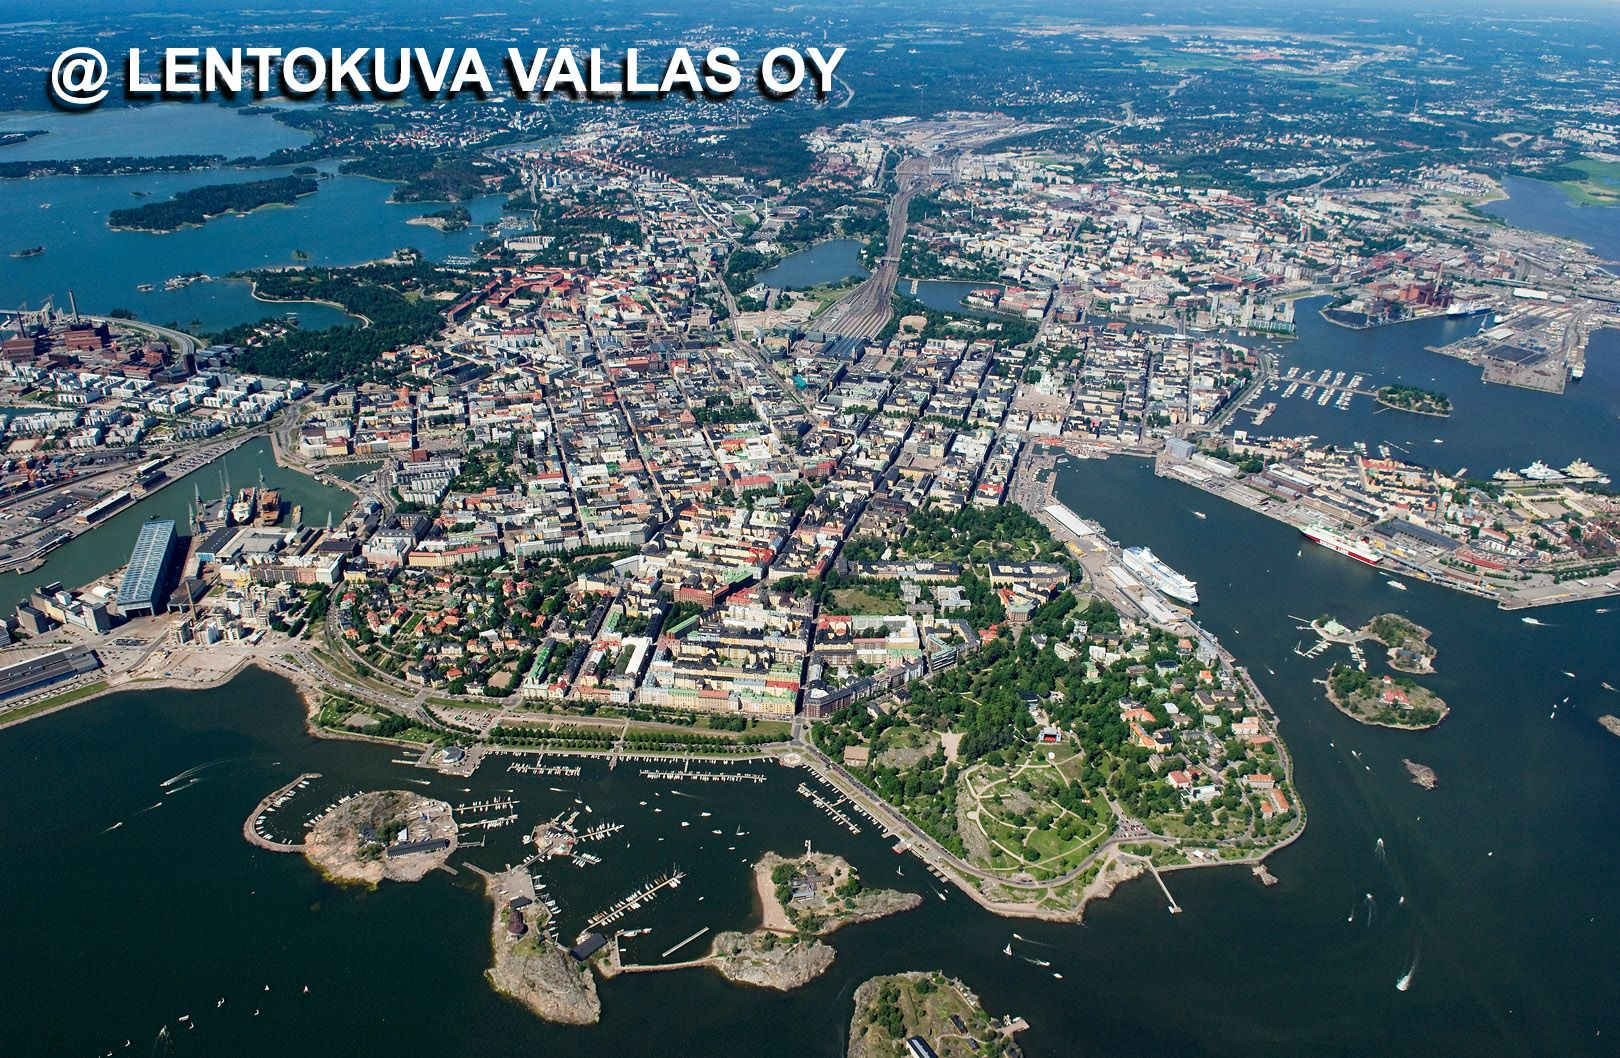 Helsinki korkealta kuvattuna Ilmakuva: Lentokuva Vallas Oy Nykytaiteen museo, Helsinki